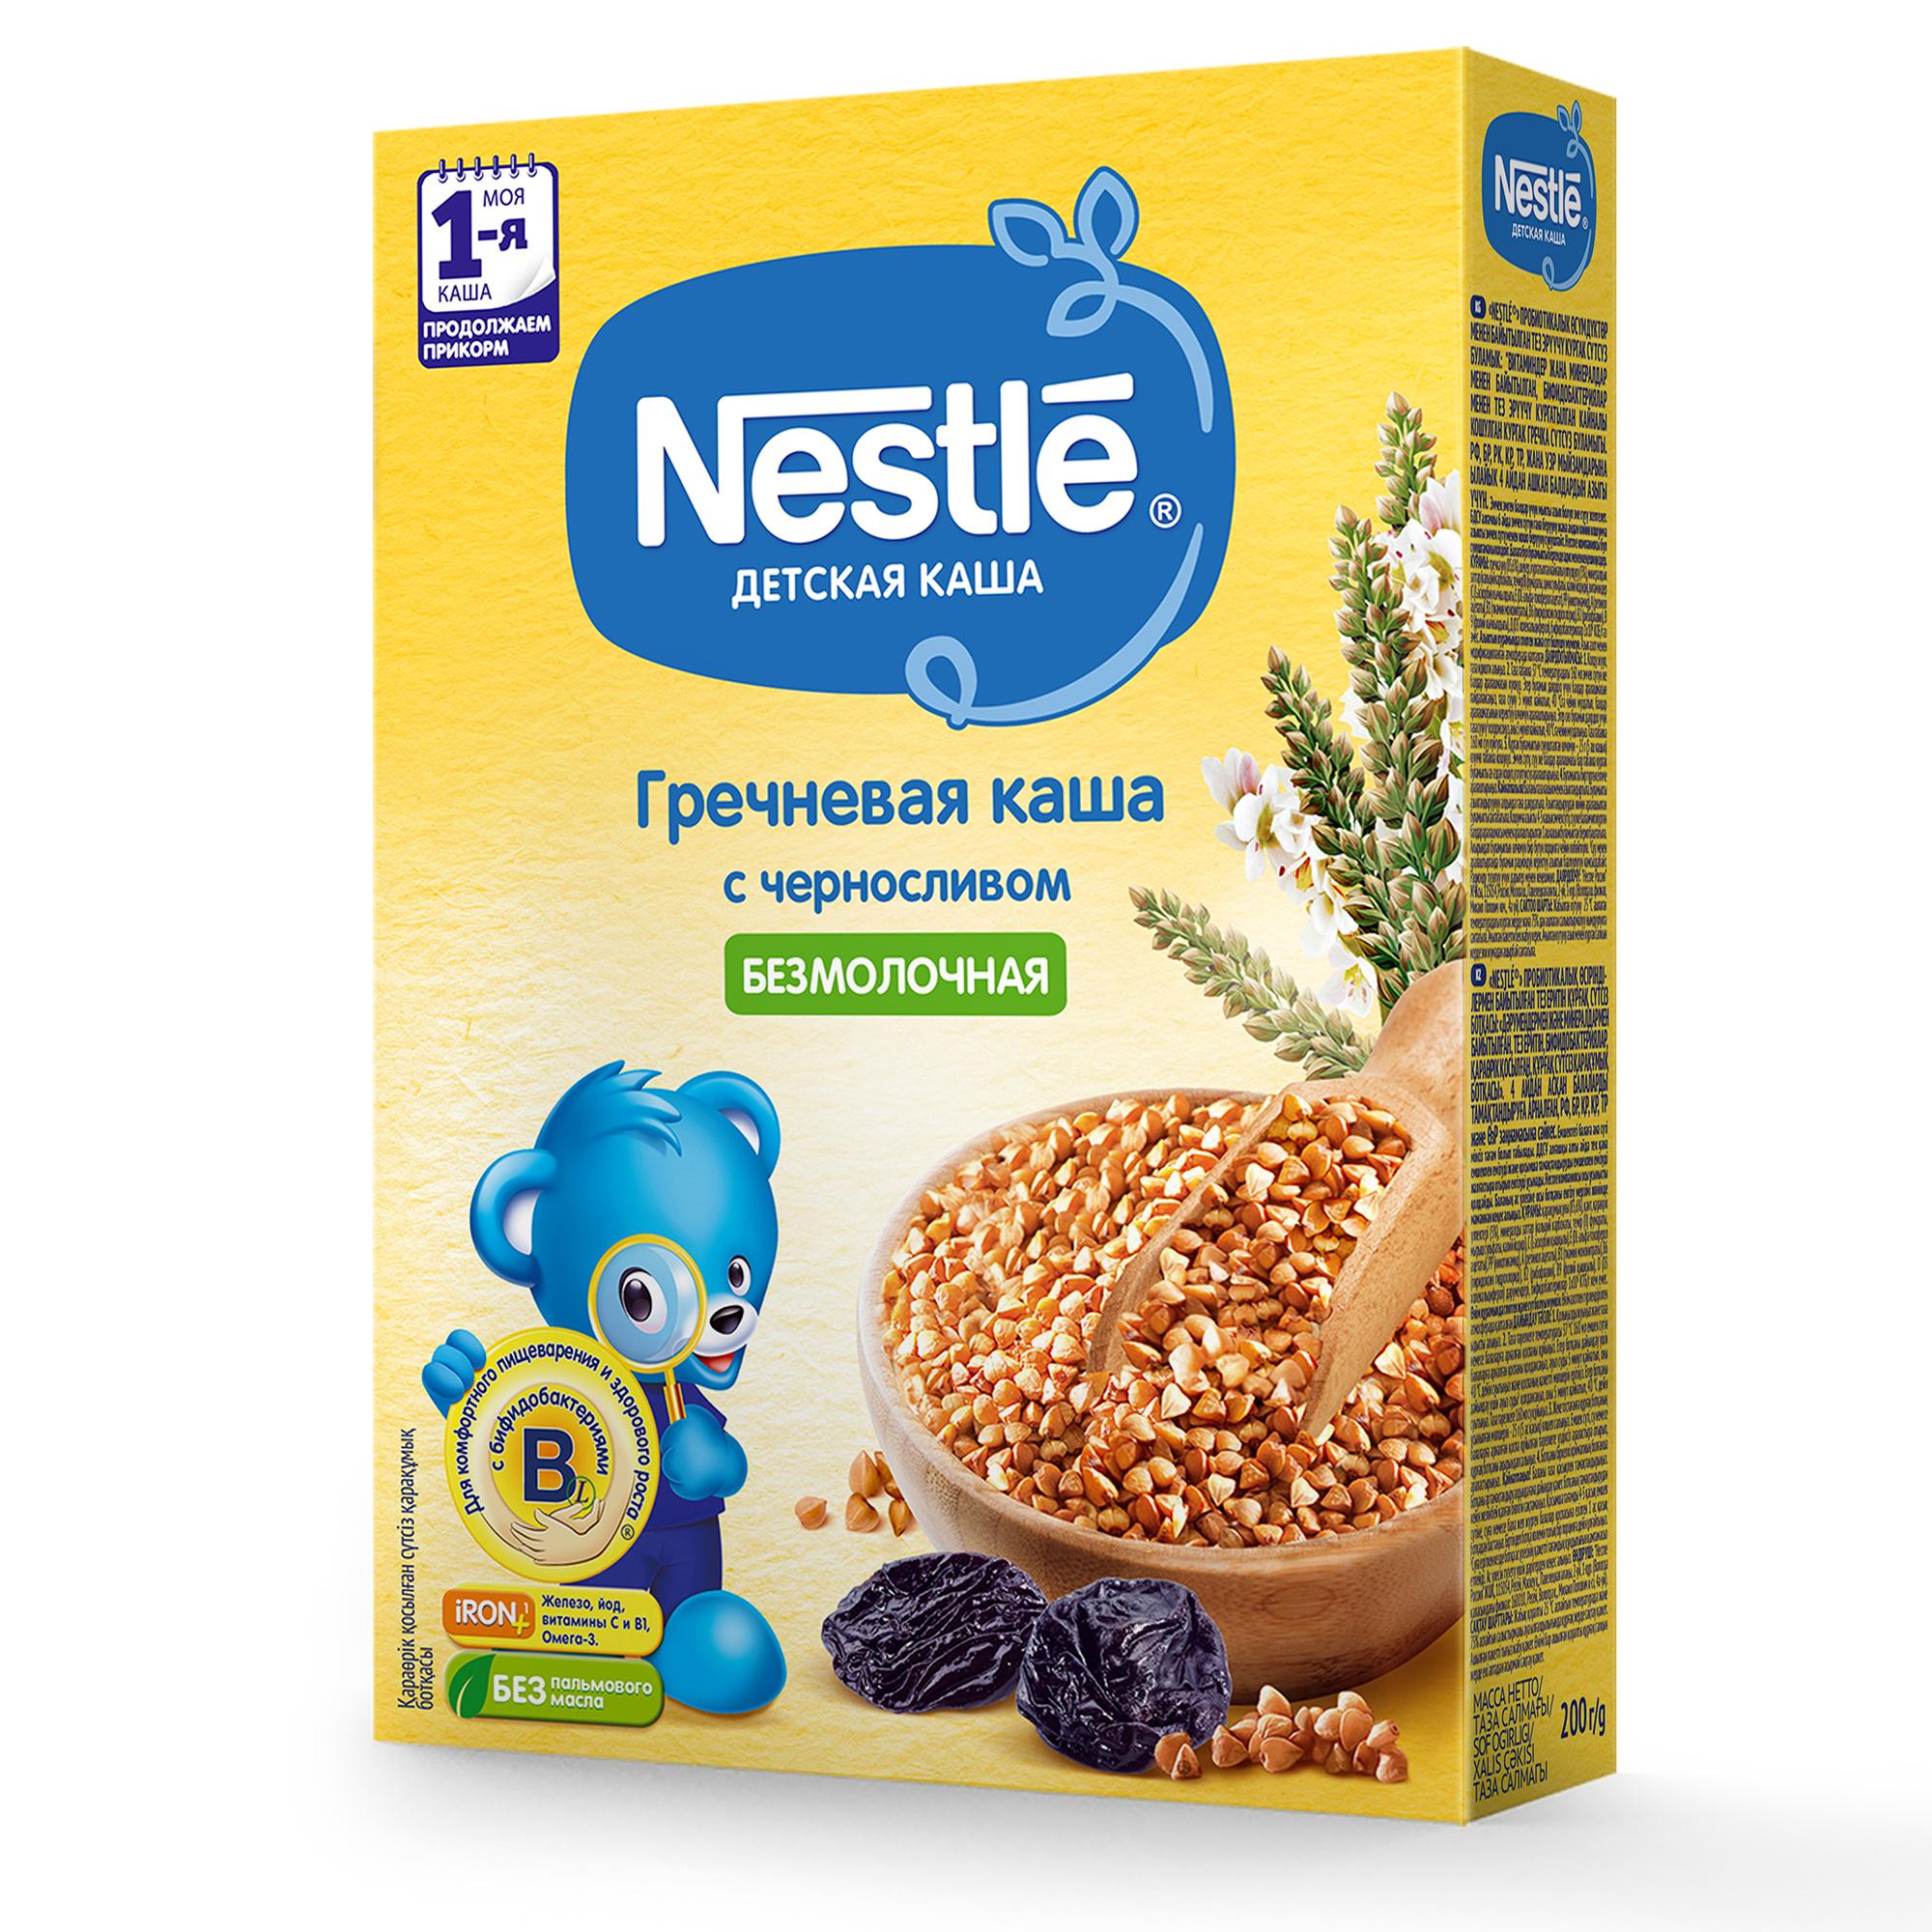 Безмолочная гречневая с черносливом для продолжения прикорма 200г с бифидобактериями BL каша Nestle (Нестле)